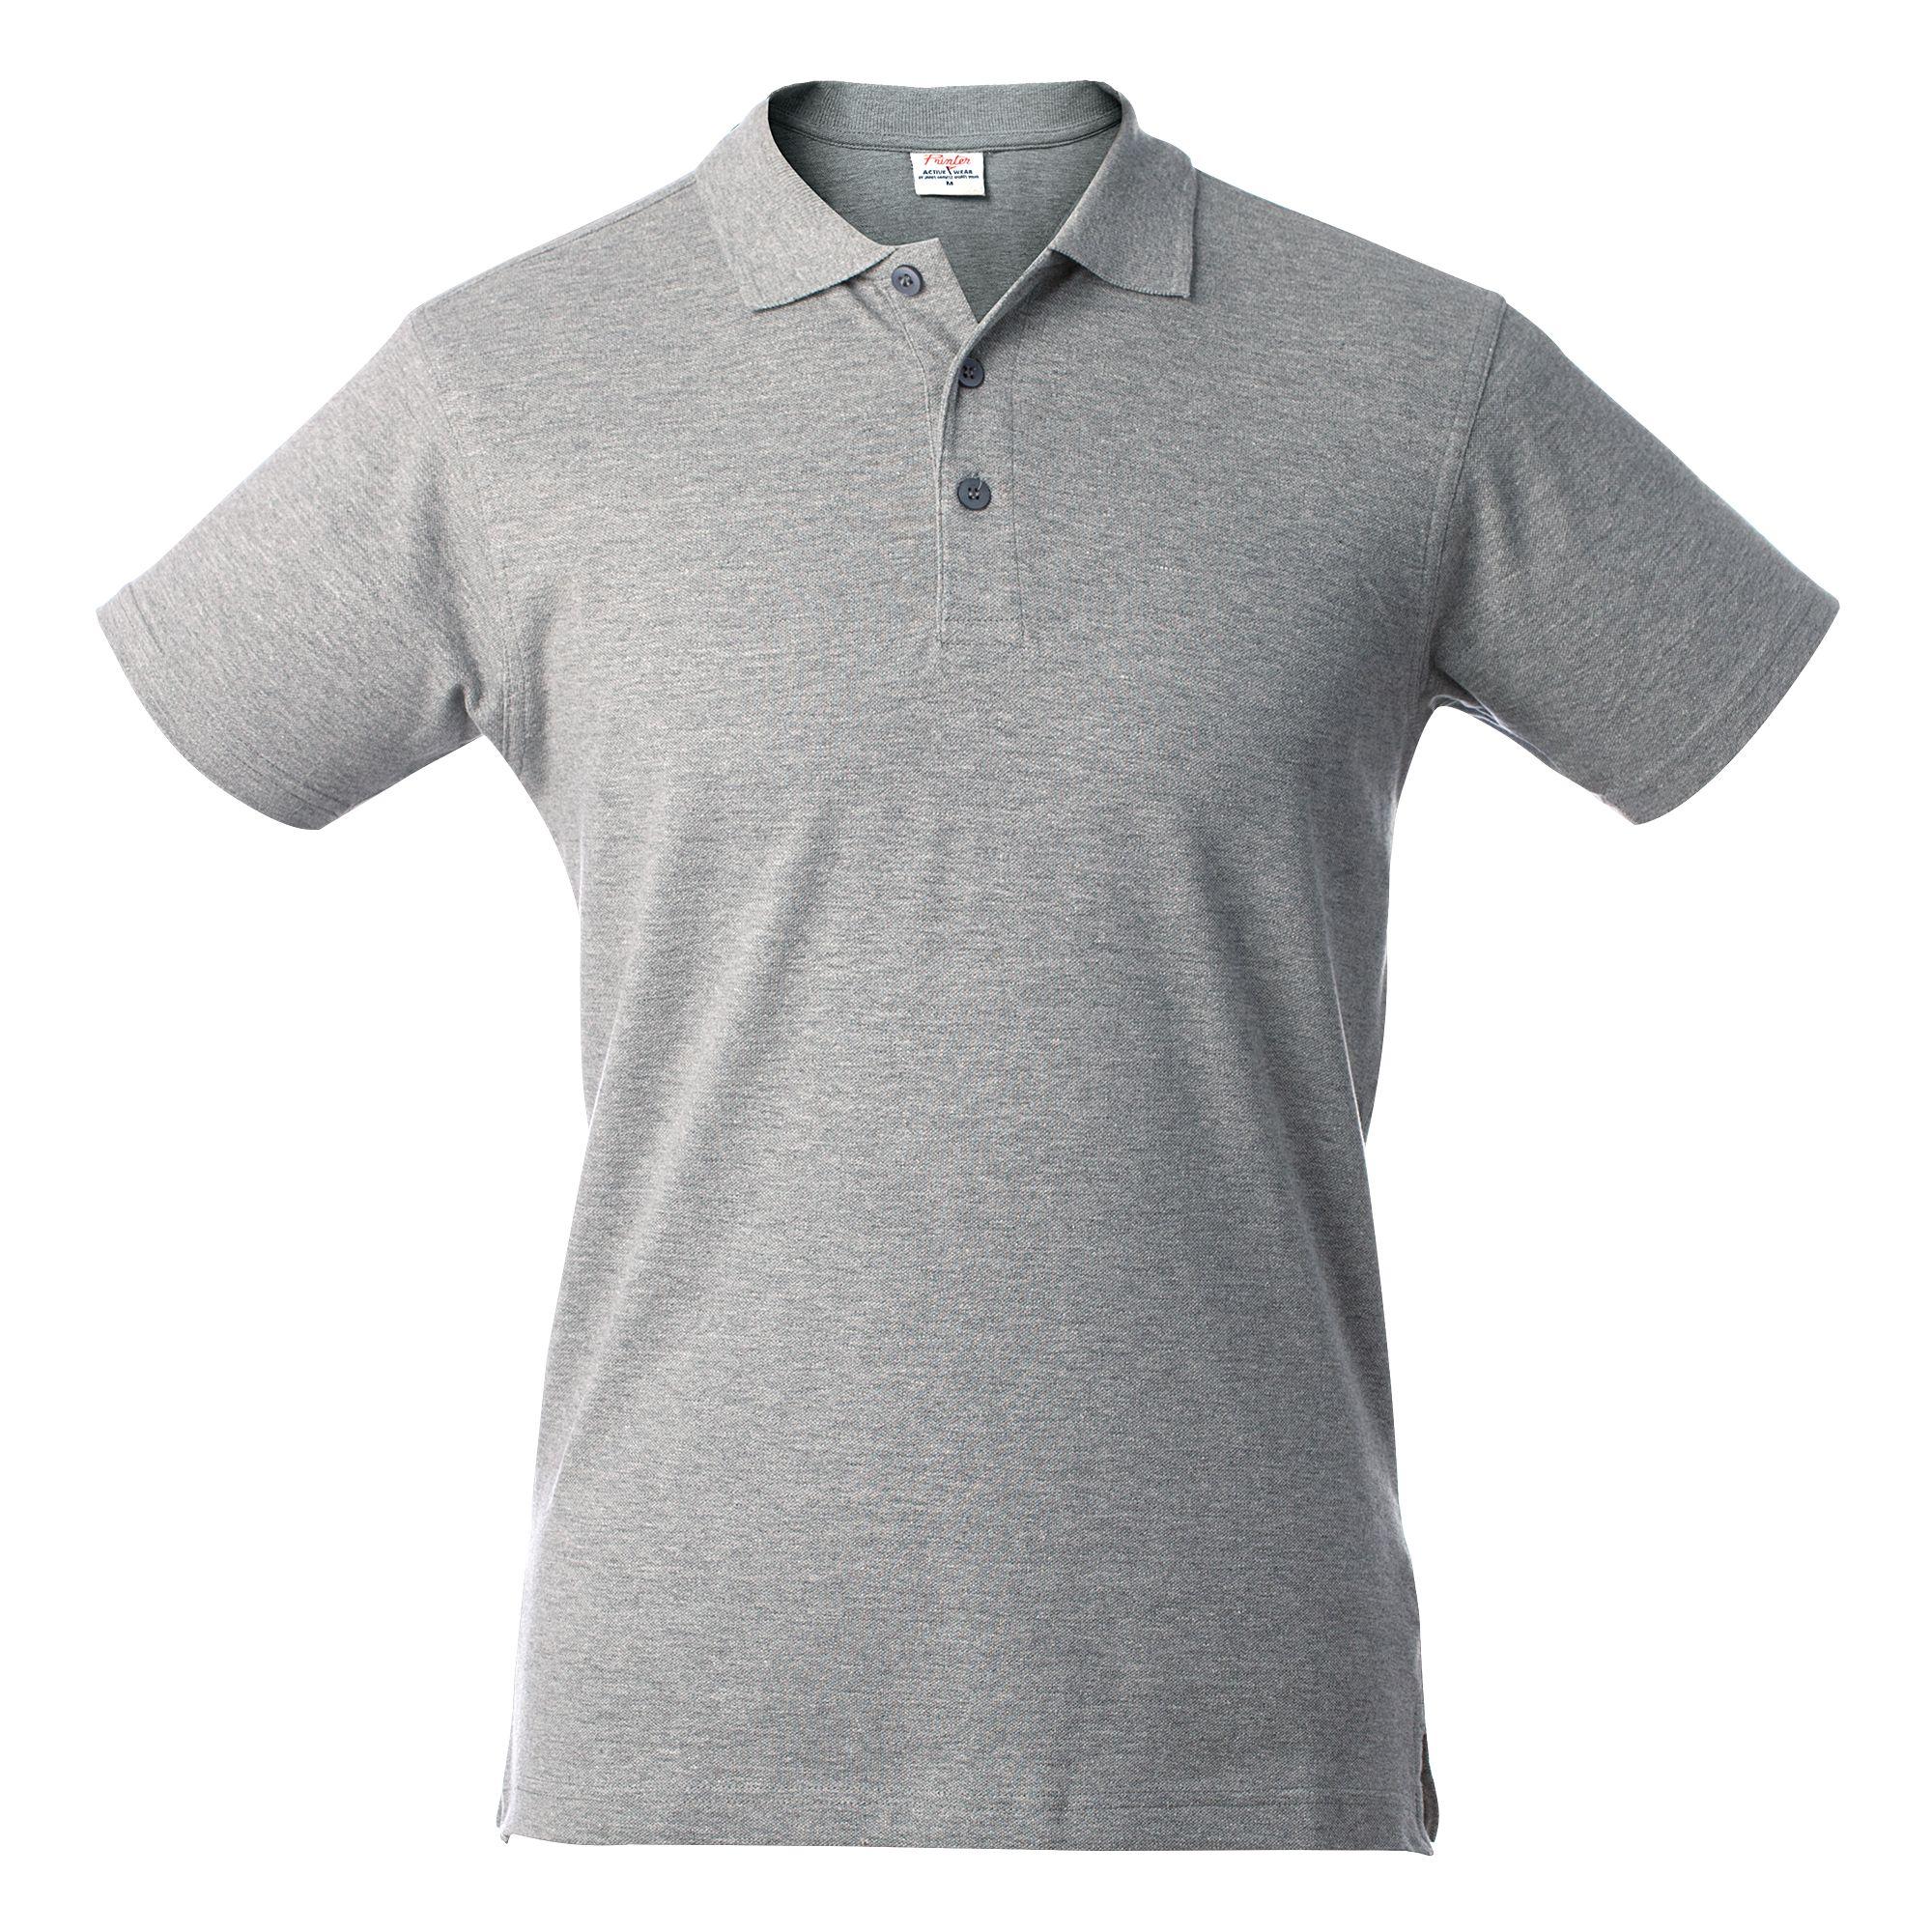 Рубашка поло мужская SURF, серый меланж